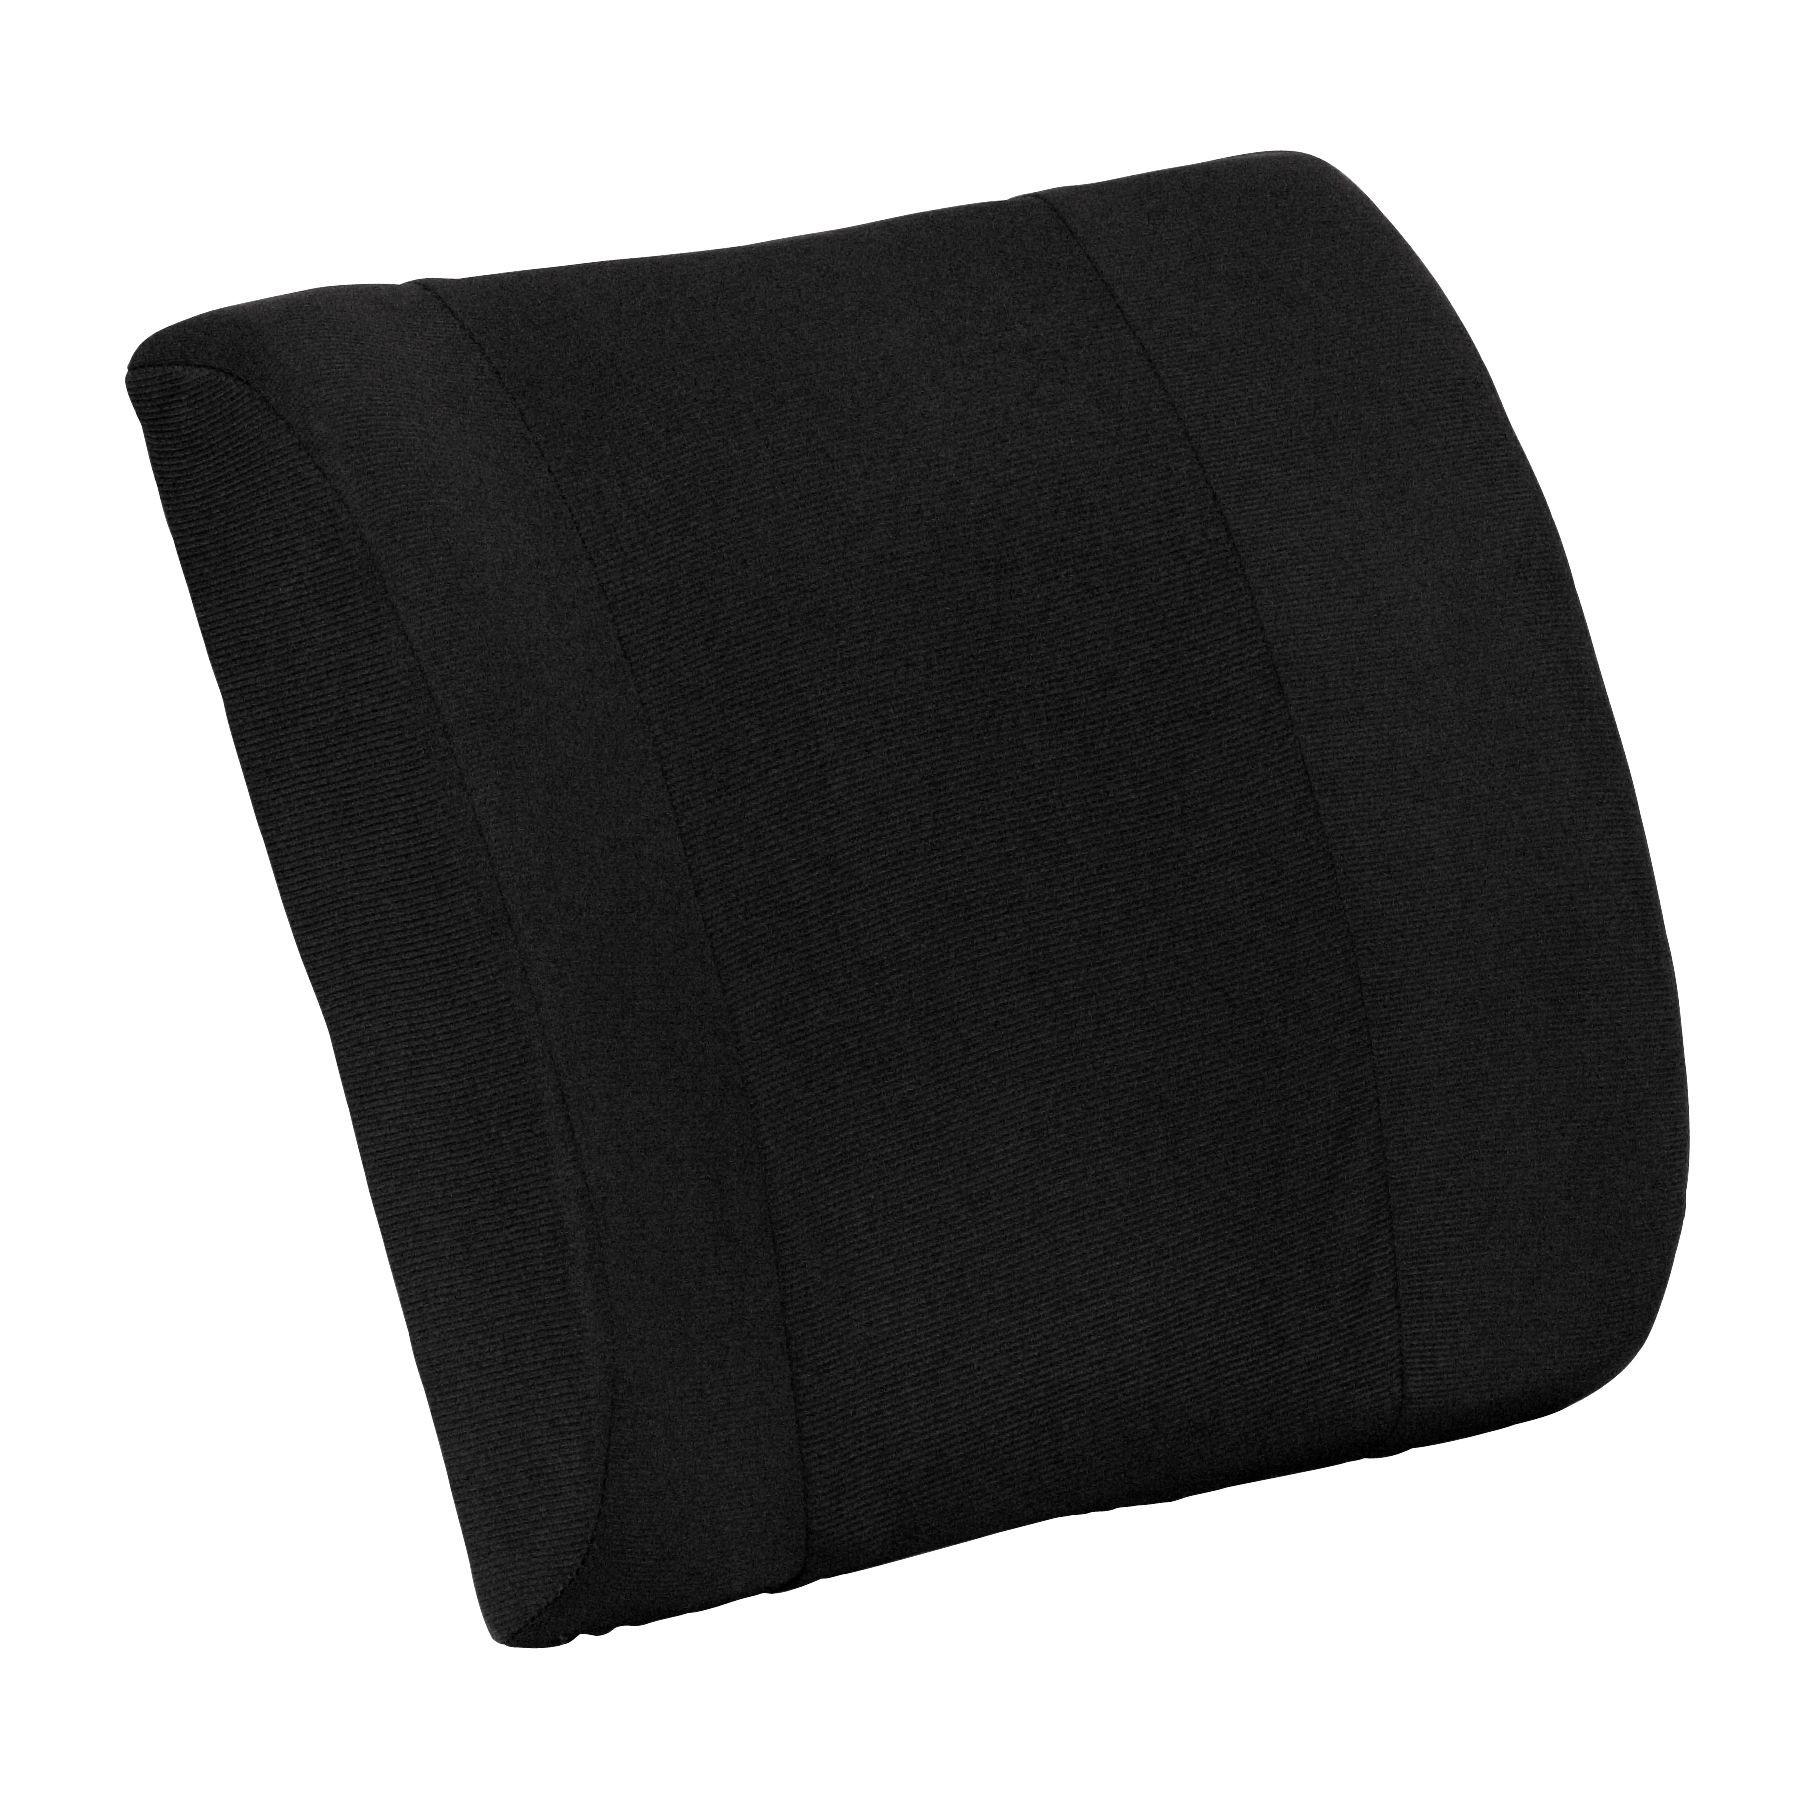 Flash Furniture XU-LUMBAR-GG Lumbar Support